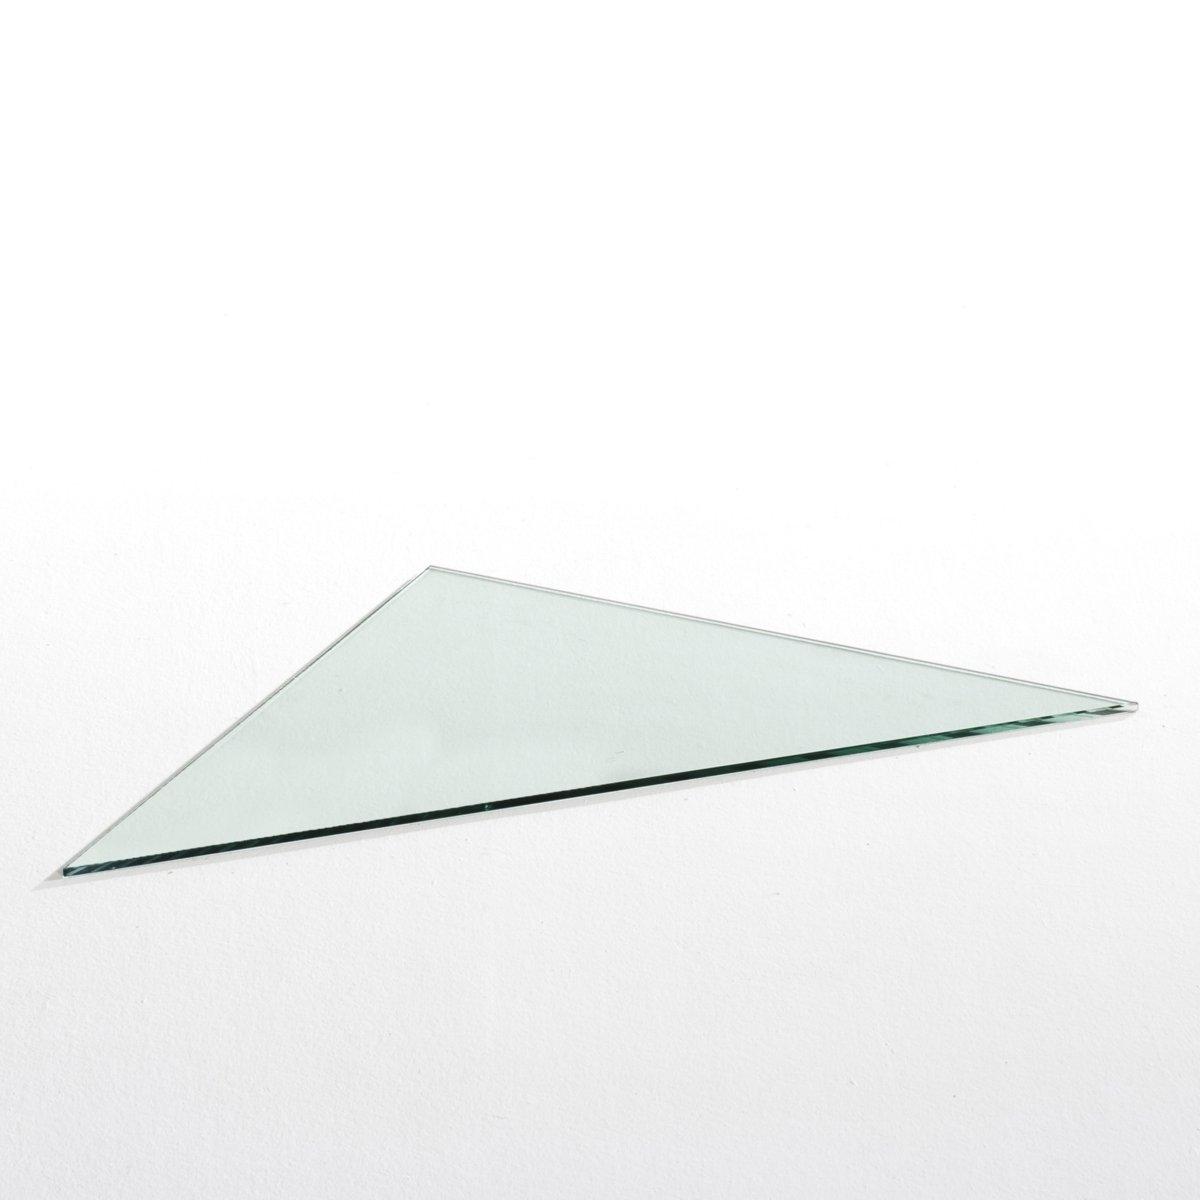 Столешница для углового стола из закаленного стекла, FagdaХарактеристики столешницы из закаленного стекла Fagda:Выполнена из закаленного стекла.Продается в комплекте с прокладками с вакуумным присосом.Другие предметы мебели из коллекции Fagda на сайте laredoute.ru  Размеры столешницы из закаленного стекла Fagda:80 x 80 см.Толщ. 10 мм.Размеры и вес посылки:1 посылка88,5 x 88,5 x 65 см12 кгДоставка:Данная модель стола требует самостоятельной сборки. Доставка осуществляется до квартиры по предварительной договоренности!Внимание! Убедитесь в том, что посылку возможно доставить на дом, учитывая ее габариты.<br><br>Цвет: прозрачный<br>Размер: единый размер